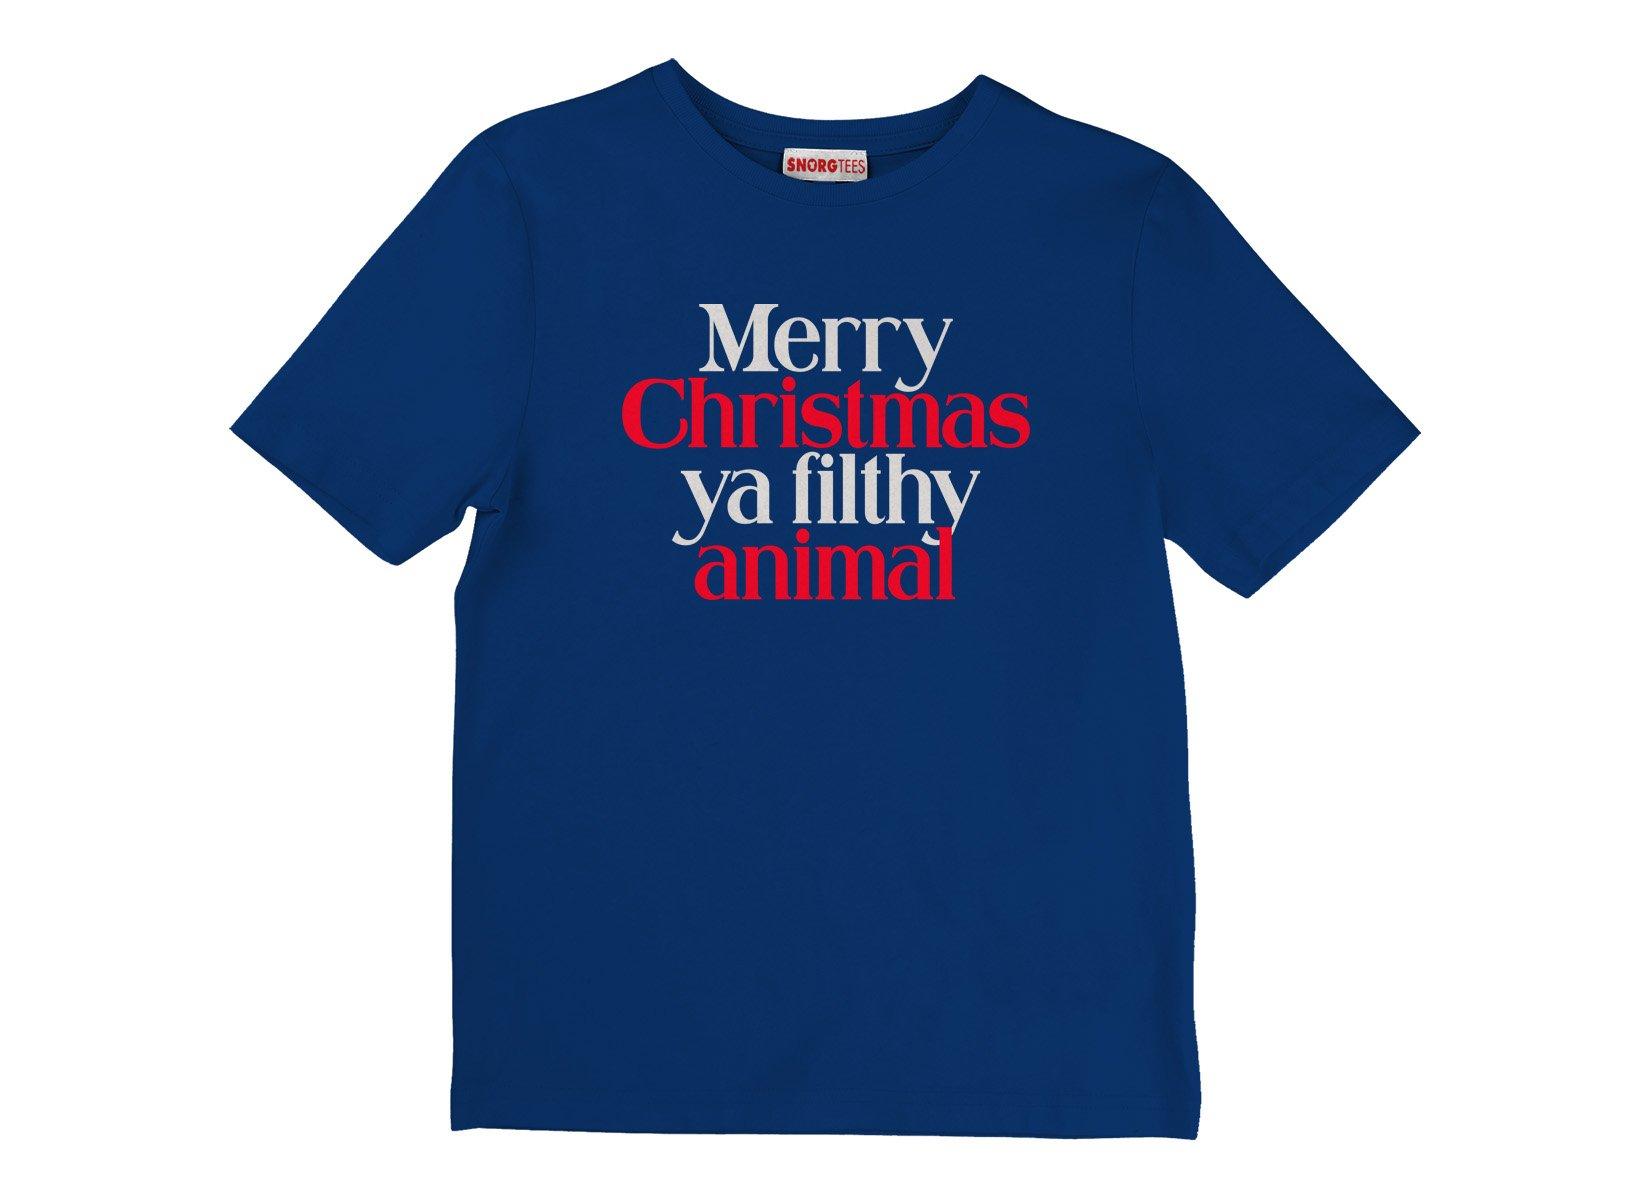 Merry Christmas Ya Filthy Animal on Kids T-Shirt